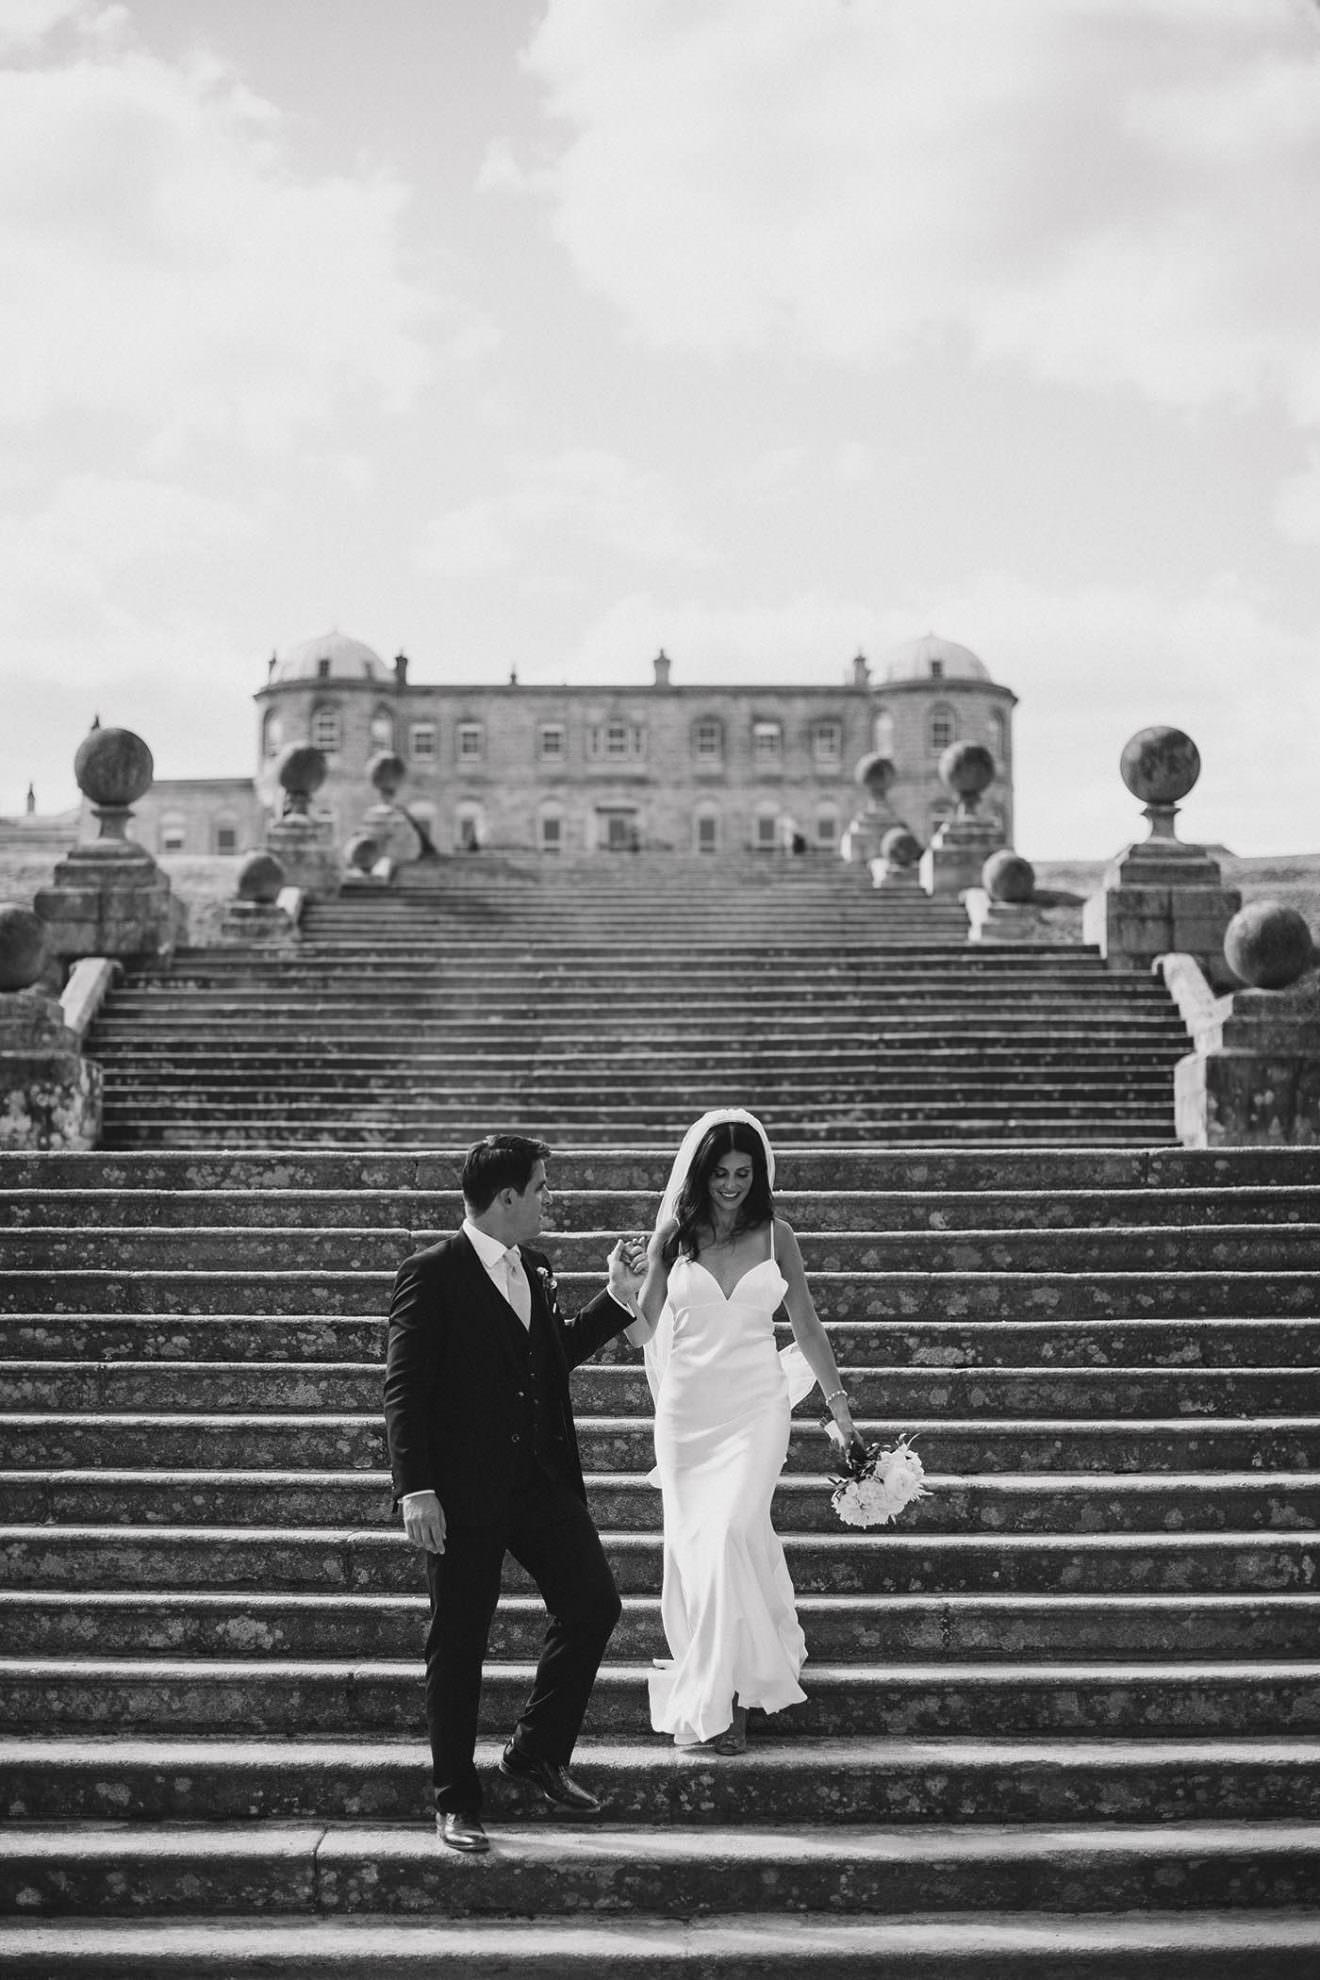 Powerscourt Gardens wedding - L&C - one photo 1